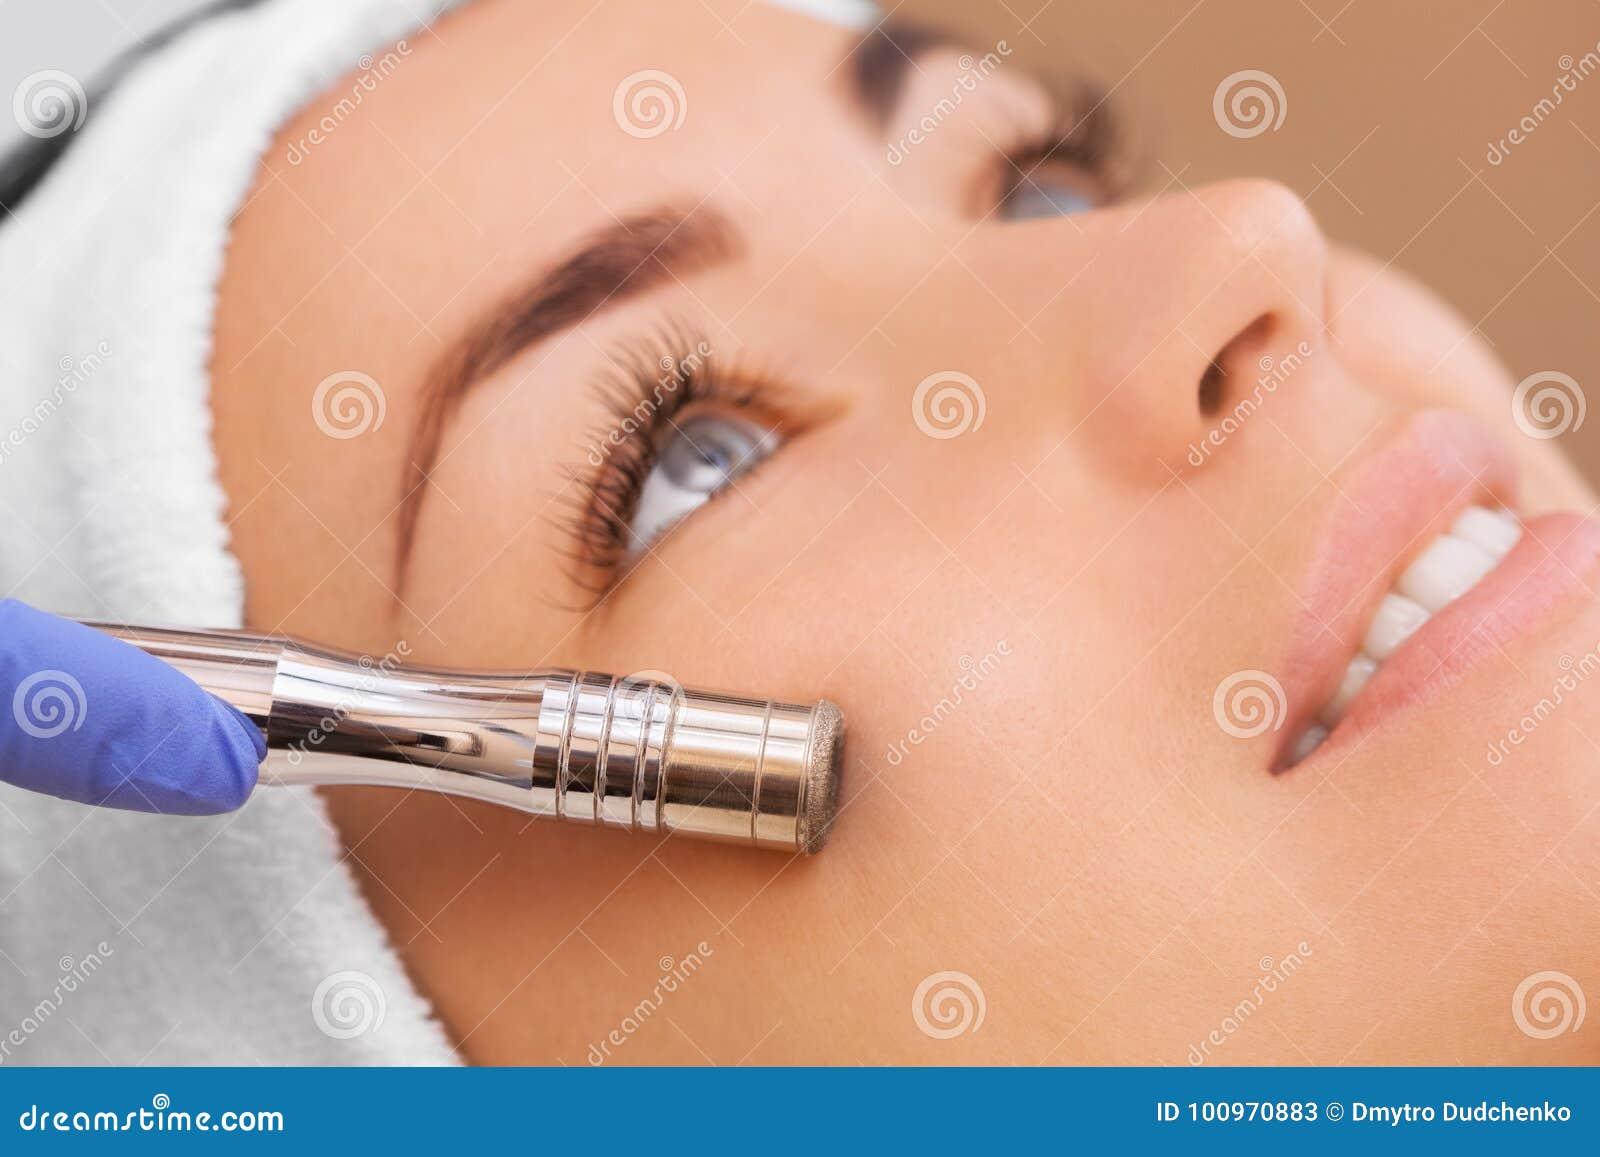 Le docteur-cosmetologist fait la procédure Microdermabrasion de la peau faciale d un beau, jeune femme dans un salon de beauté